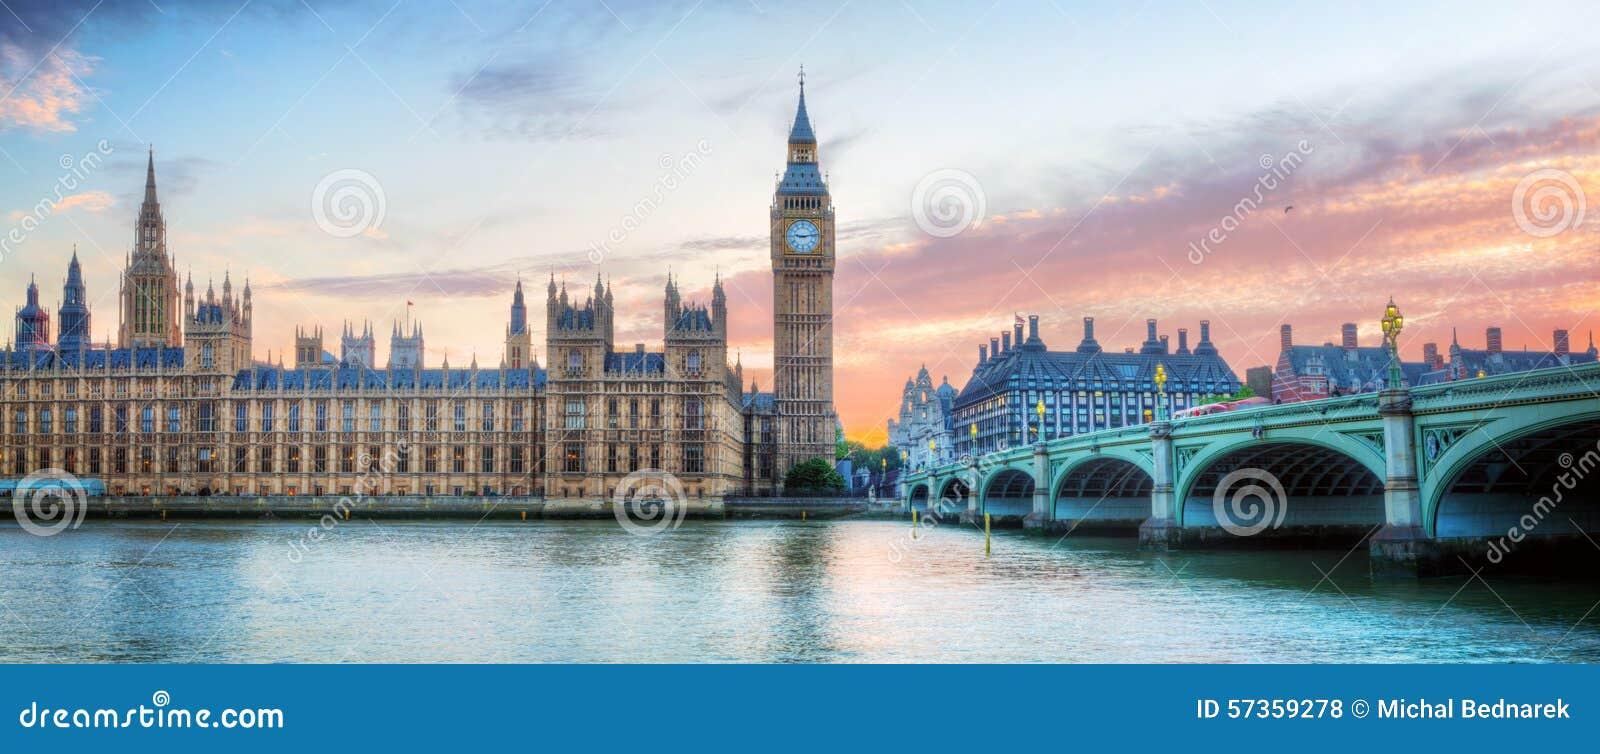 Londres, panorama BRITÂNICO Big Ben no palácio de Westminster no rio Tamisa no por do sol